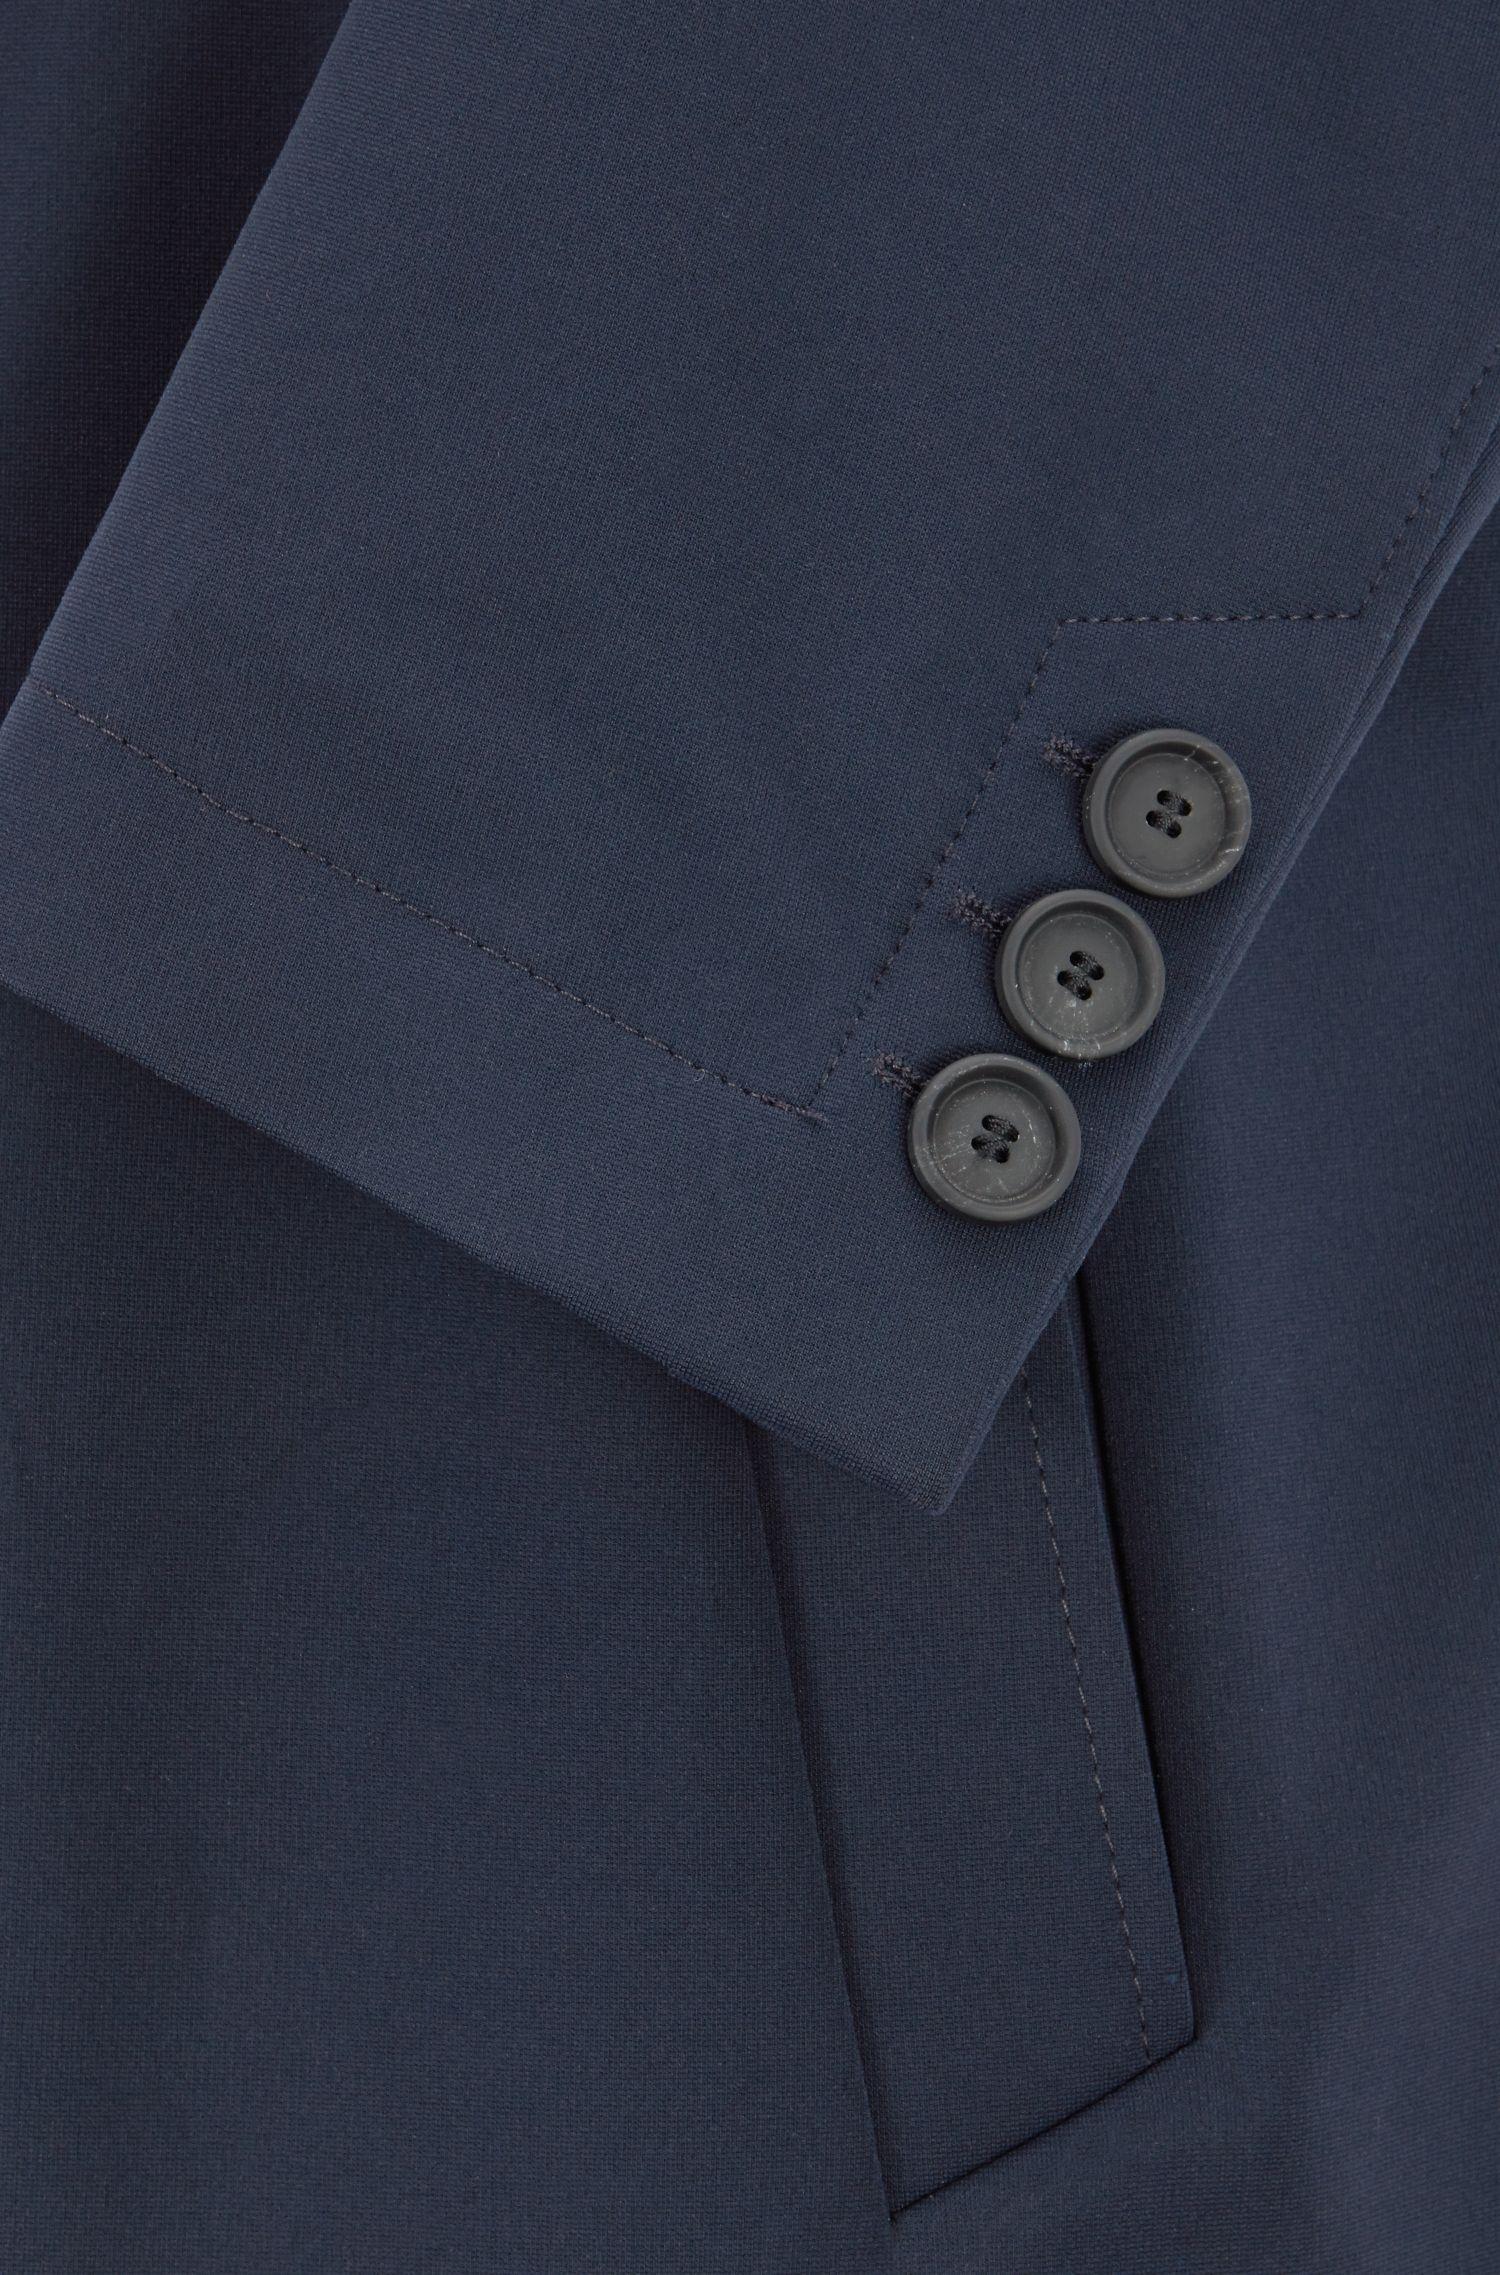 Hugo Boss - Slim-Fit Mantel mit karierter Kragenunterseite - 6